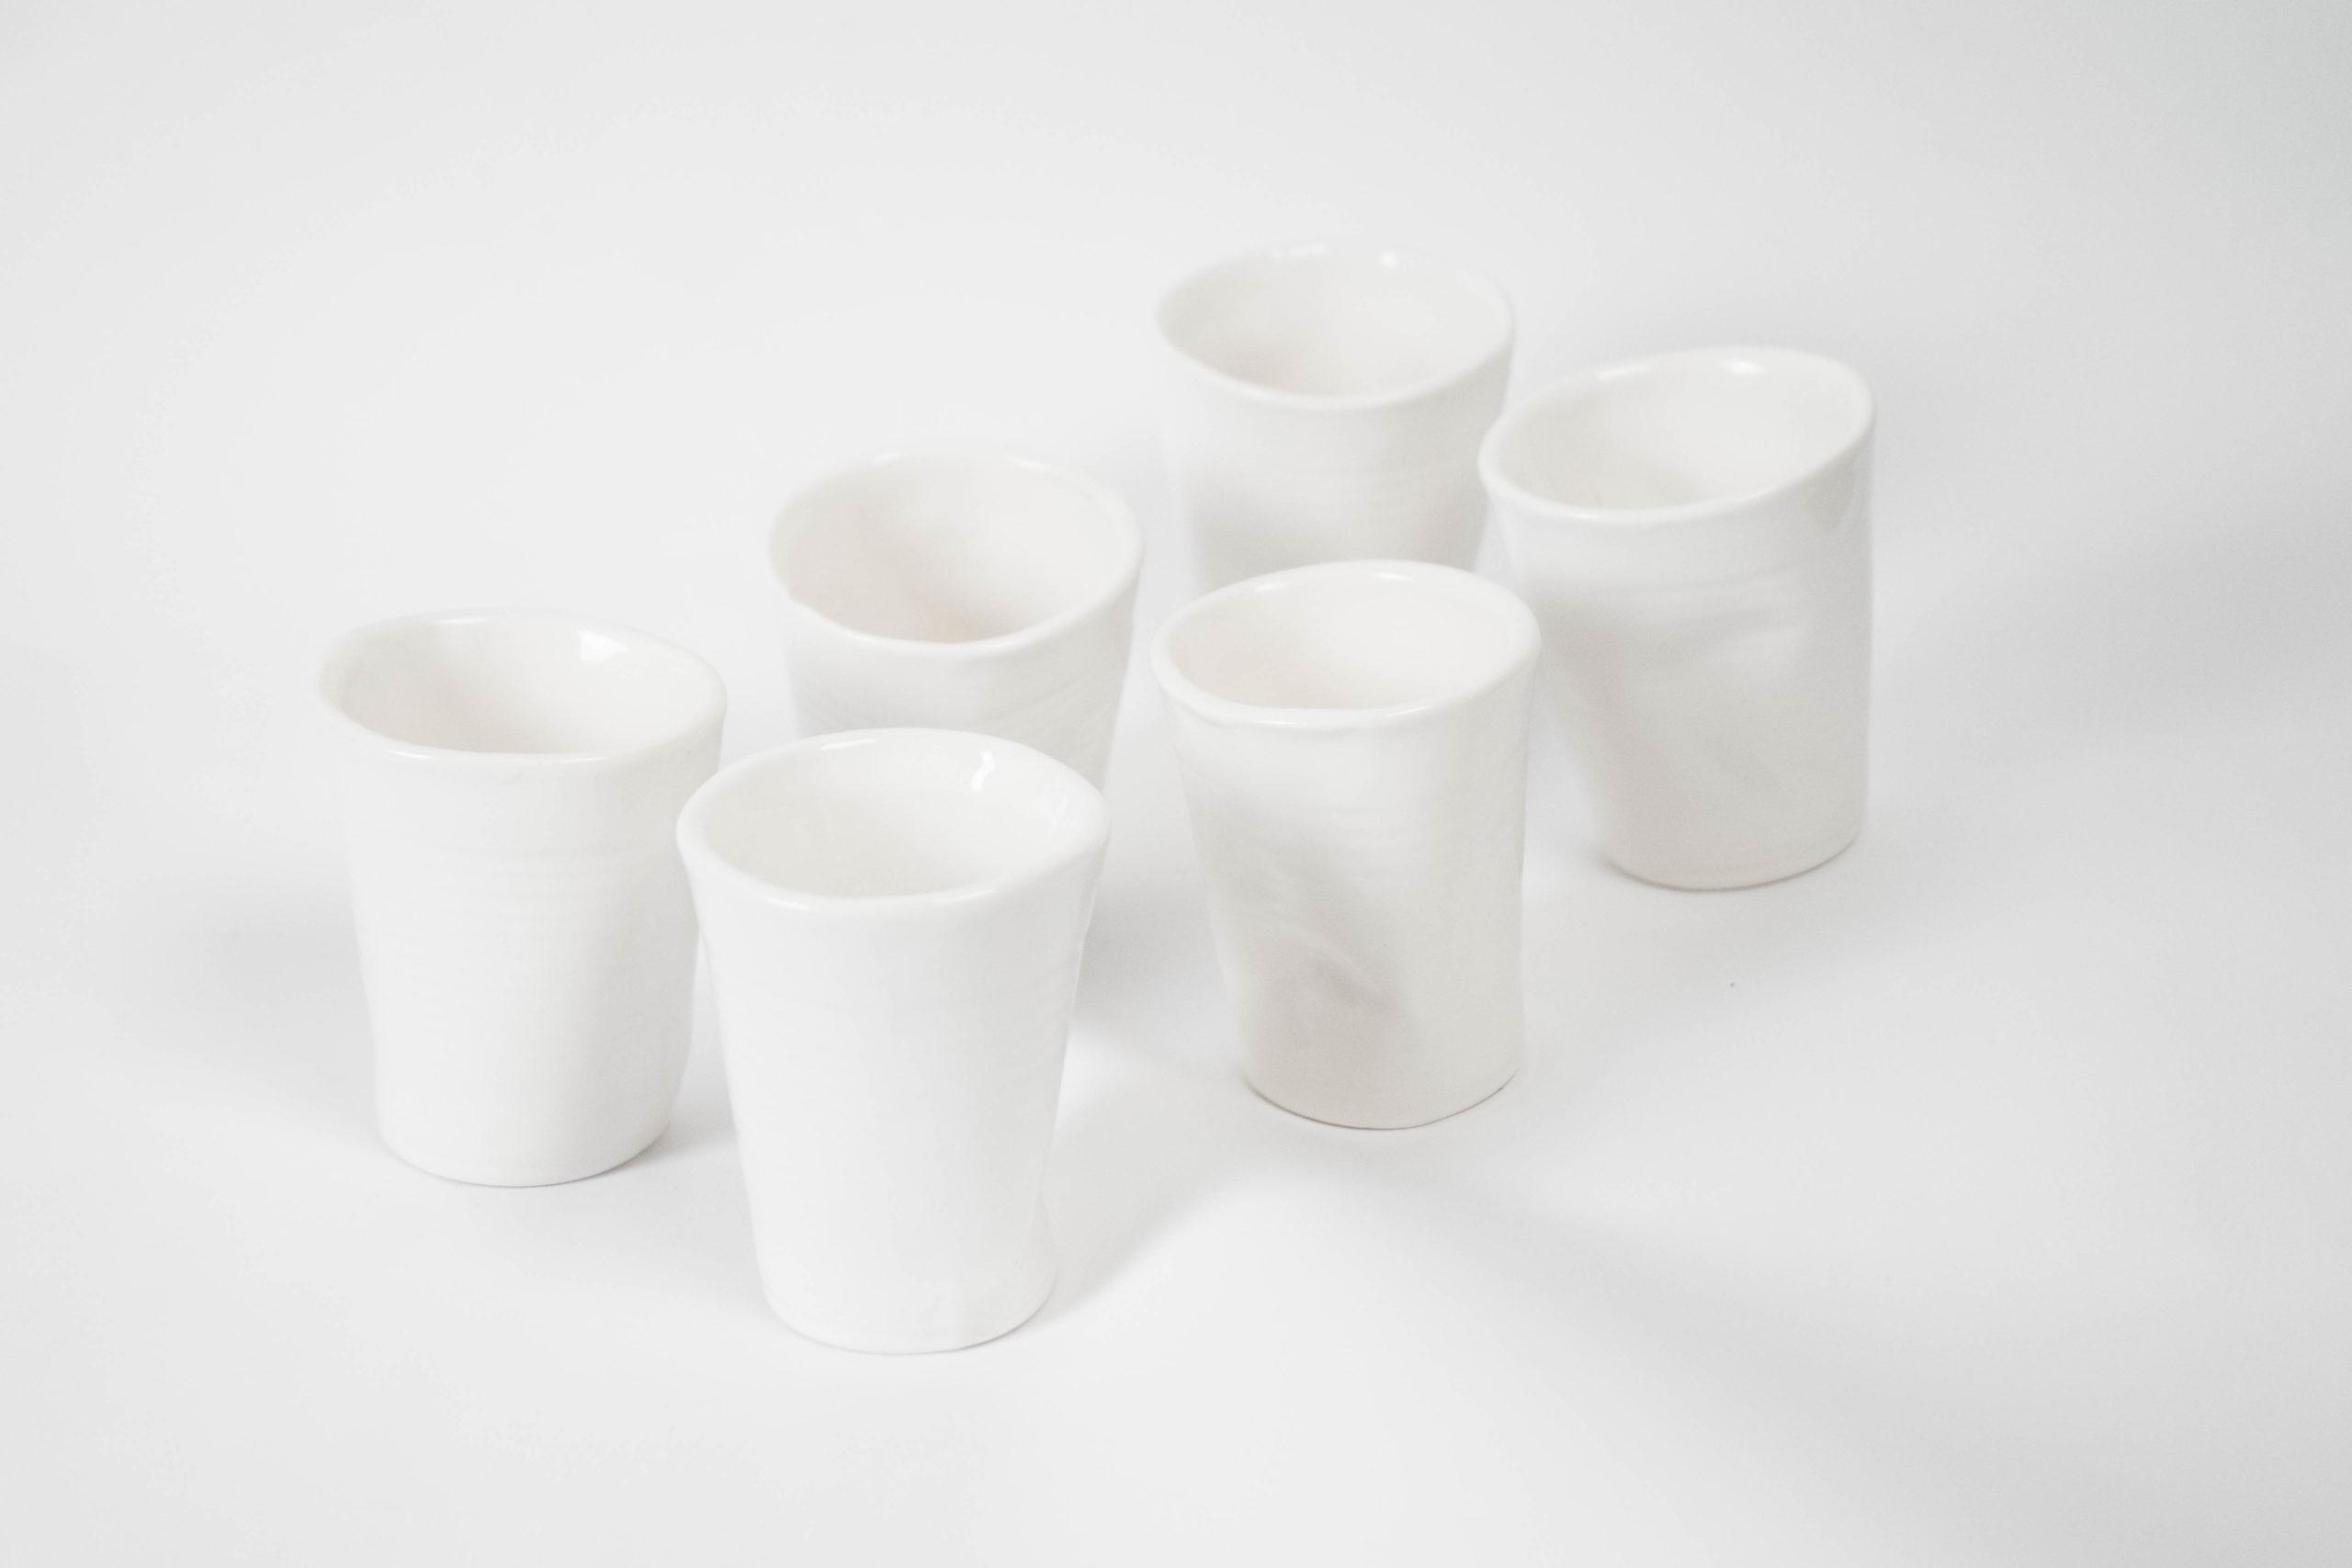 set de vasos fabricados a mano en ceramica